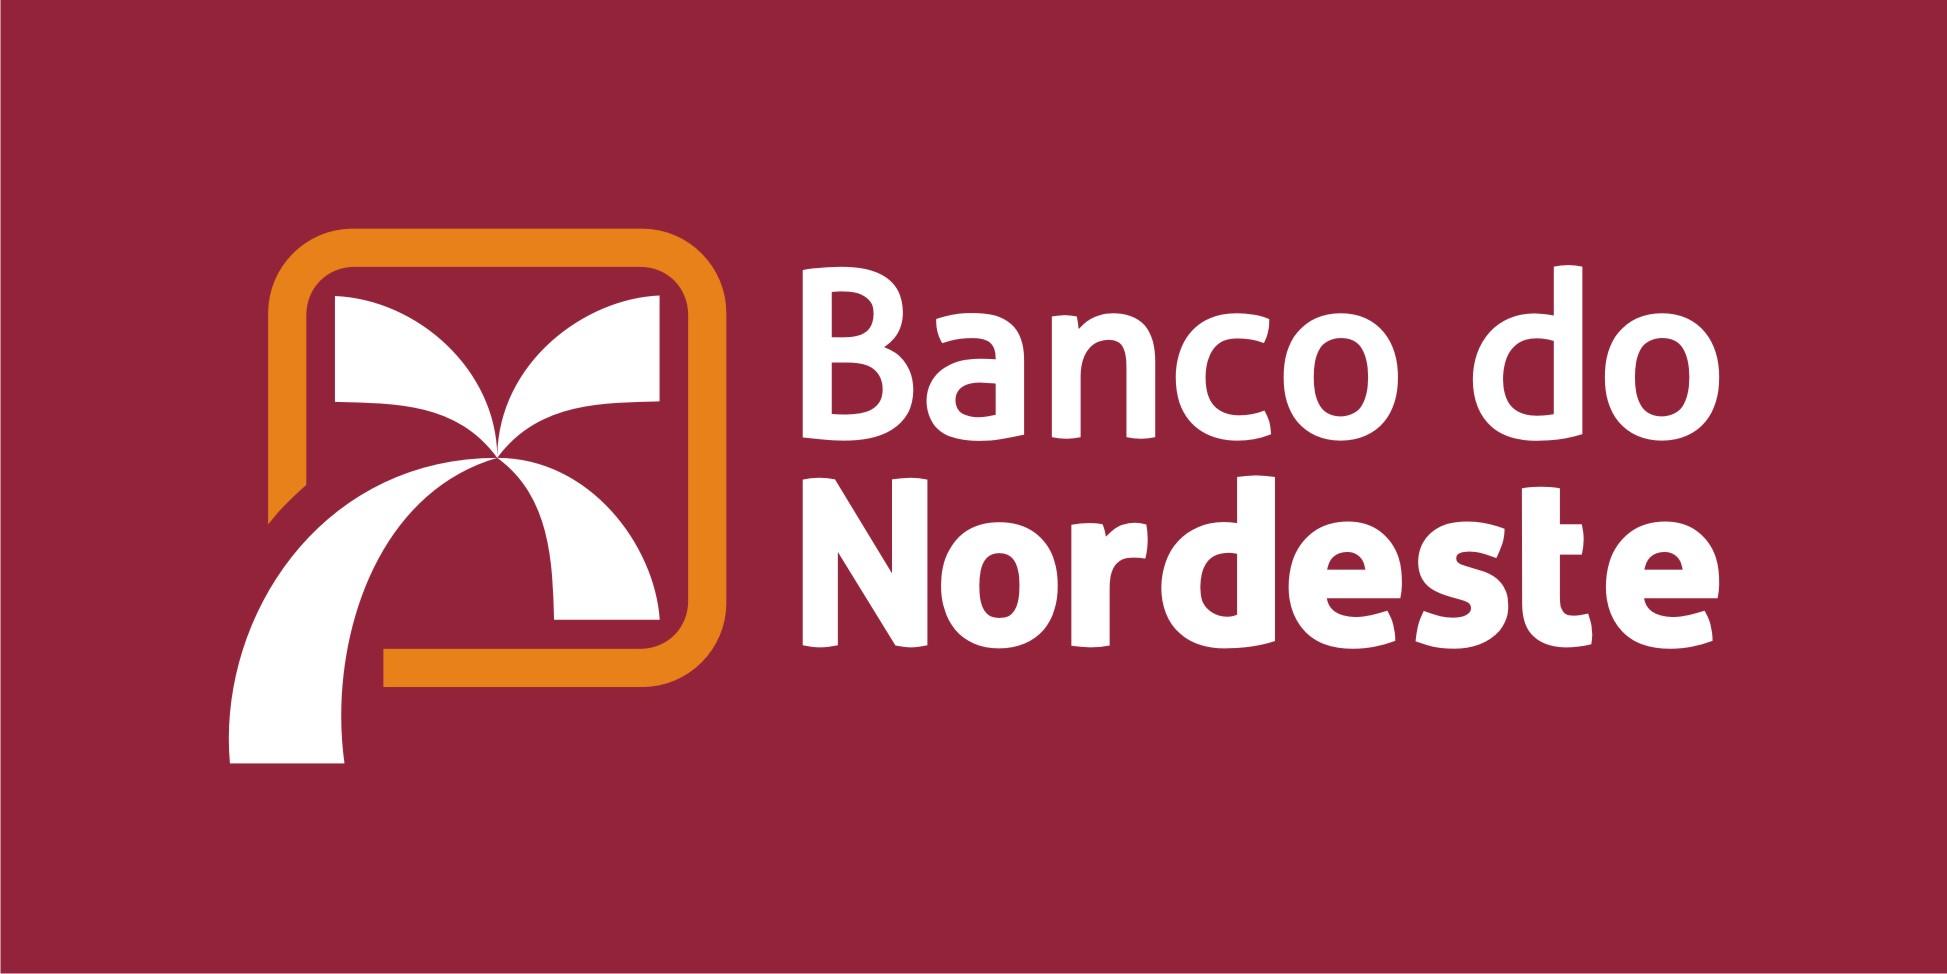 http://www.abm.org.br/wp-content/uploads/2014/10/Banco-do-Nordeste.jpg